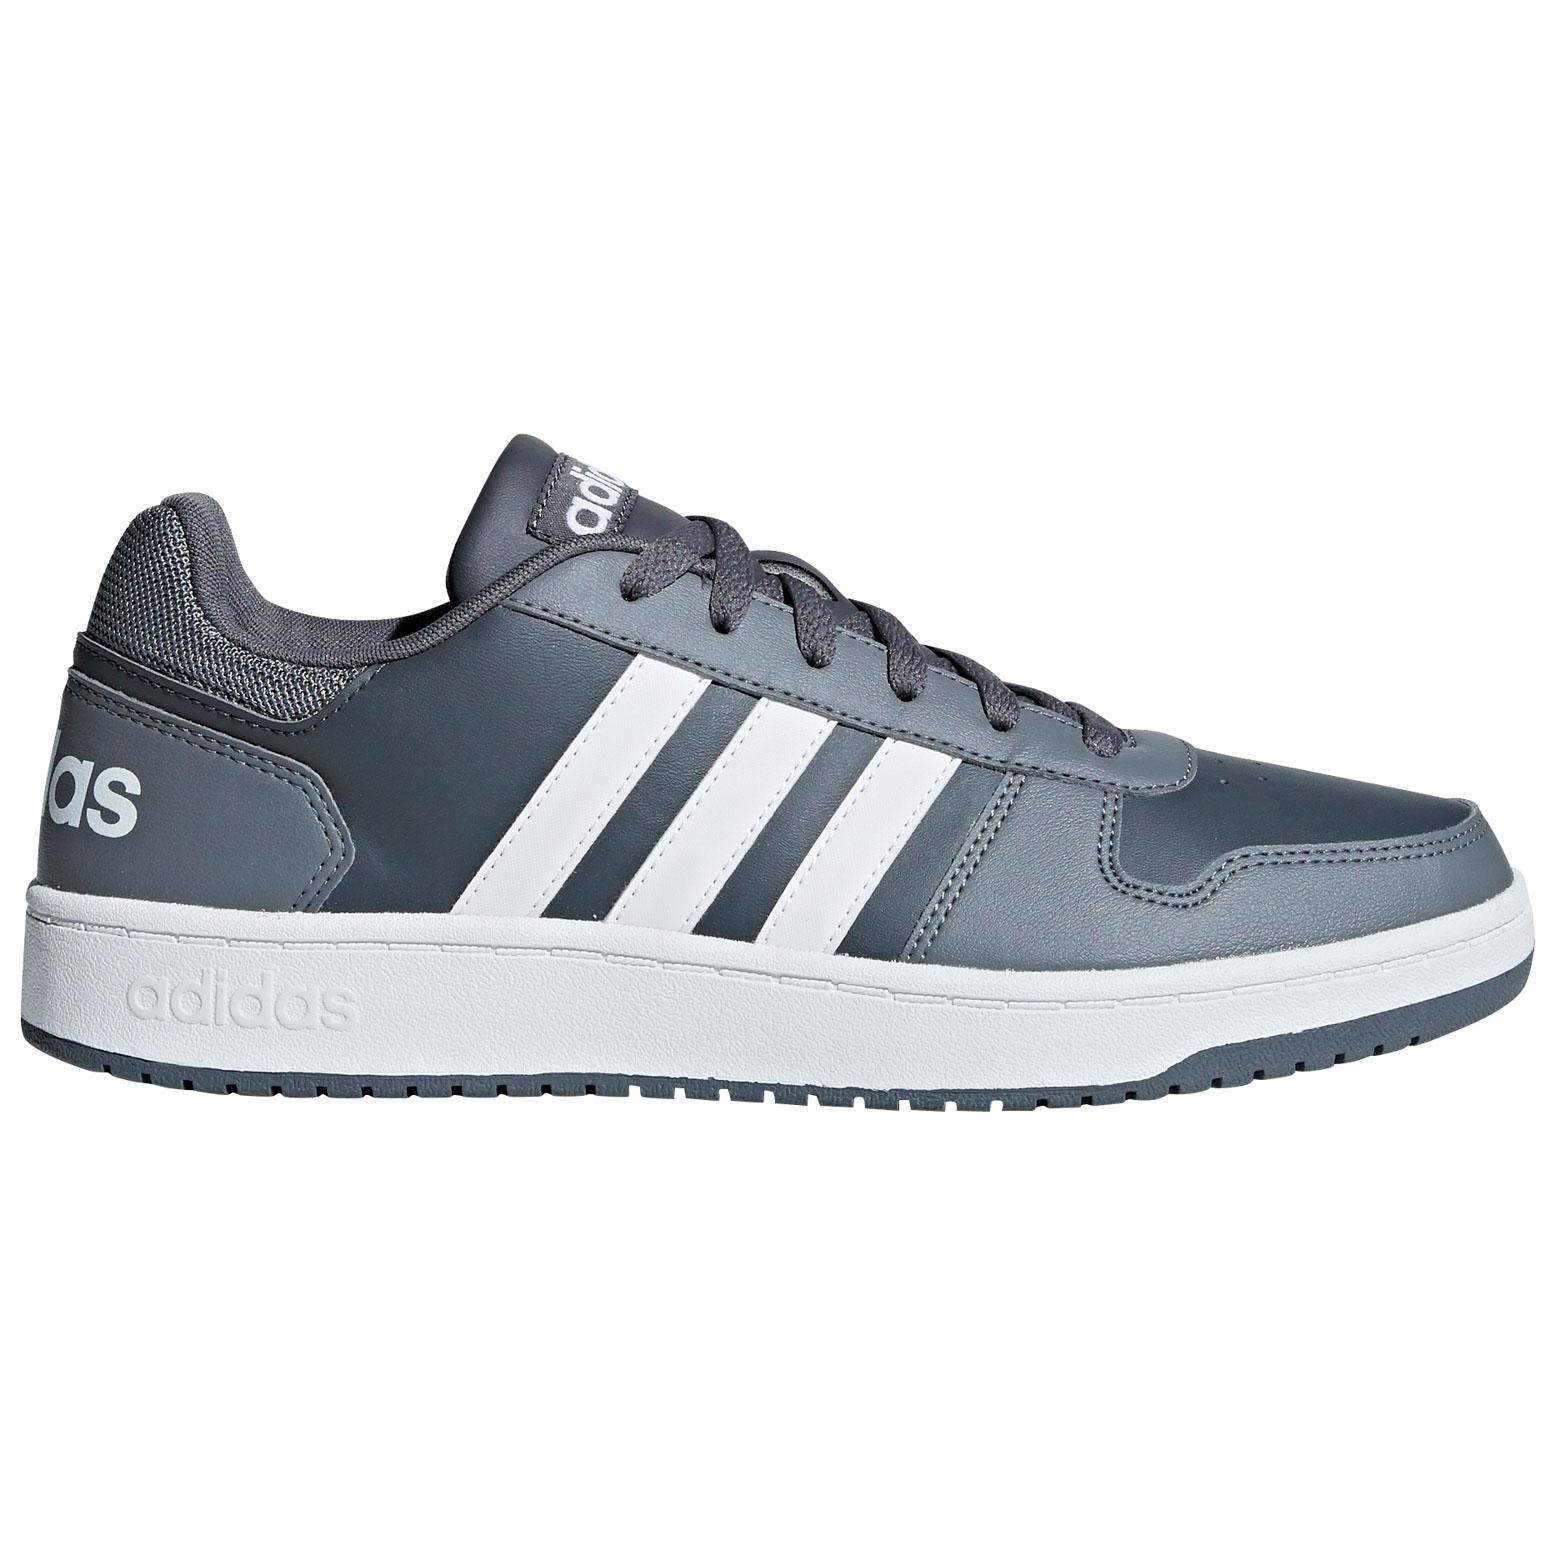 adidas Herren Sneaker in Übergröße - Hoops 2.0 - grau 4dfb9c7774